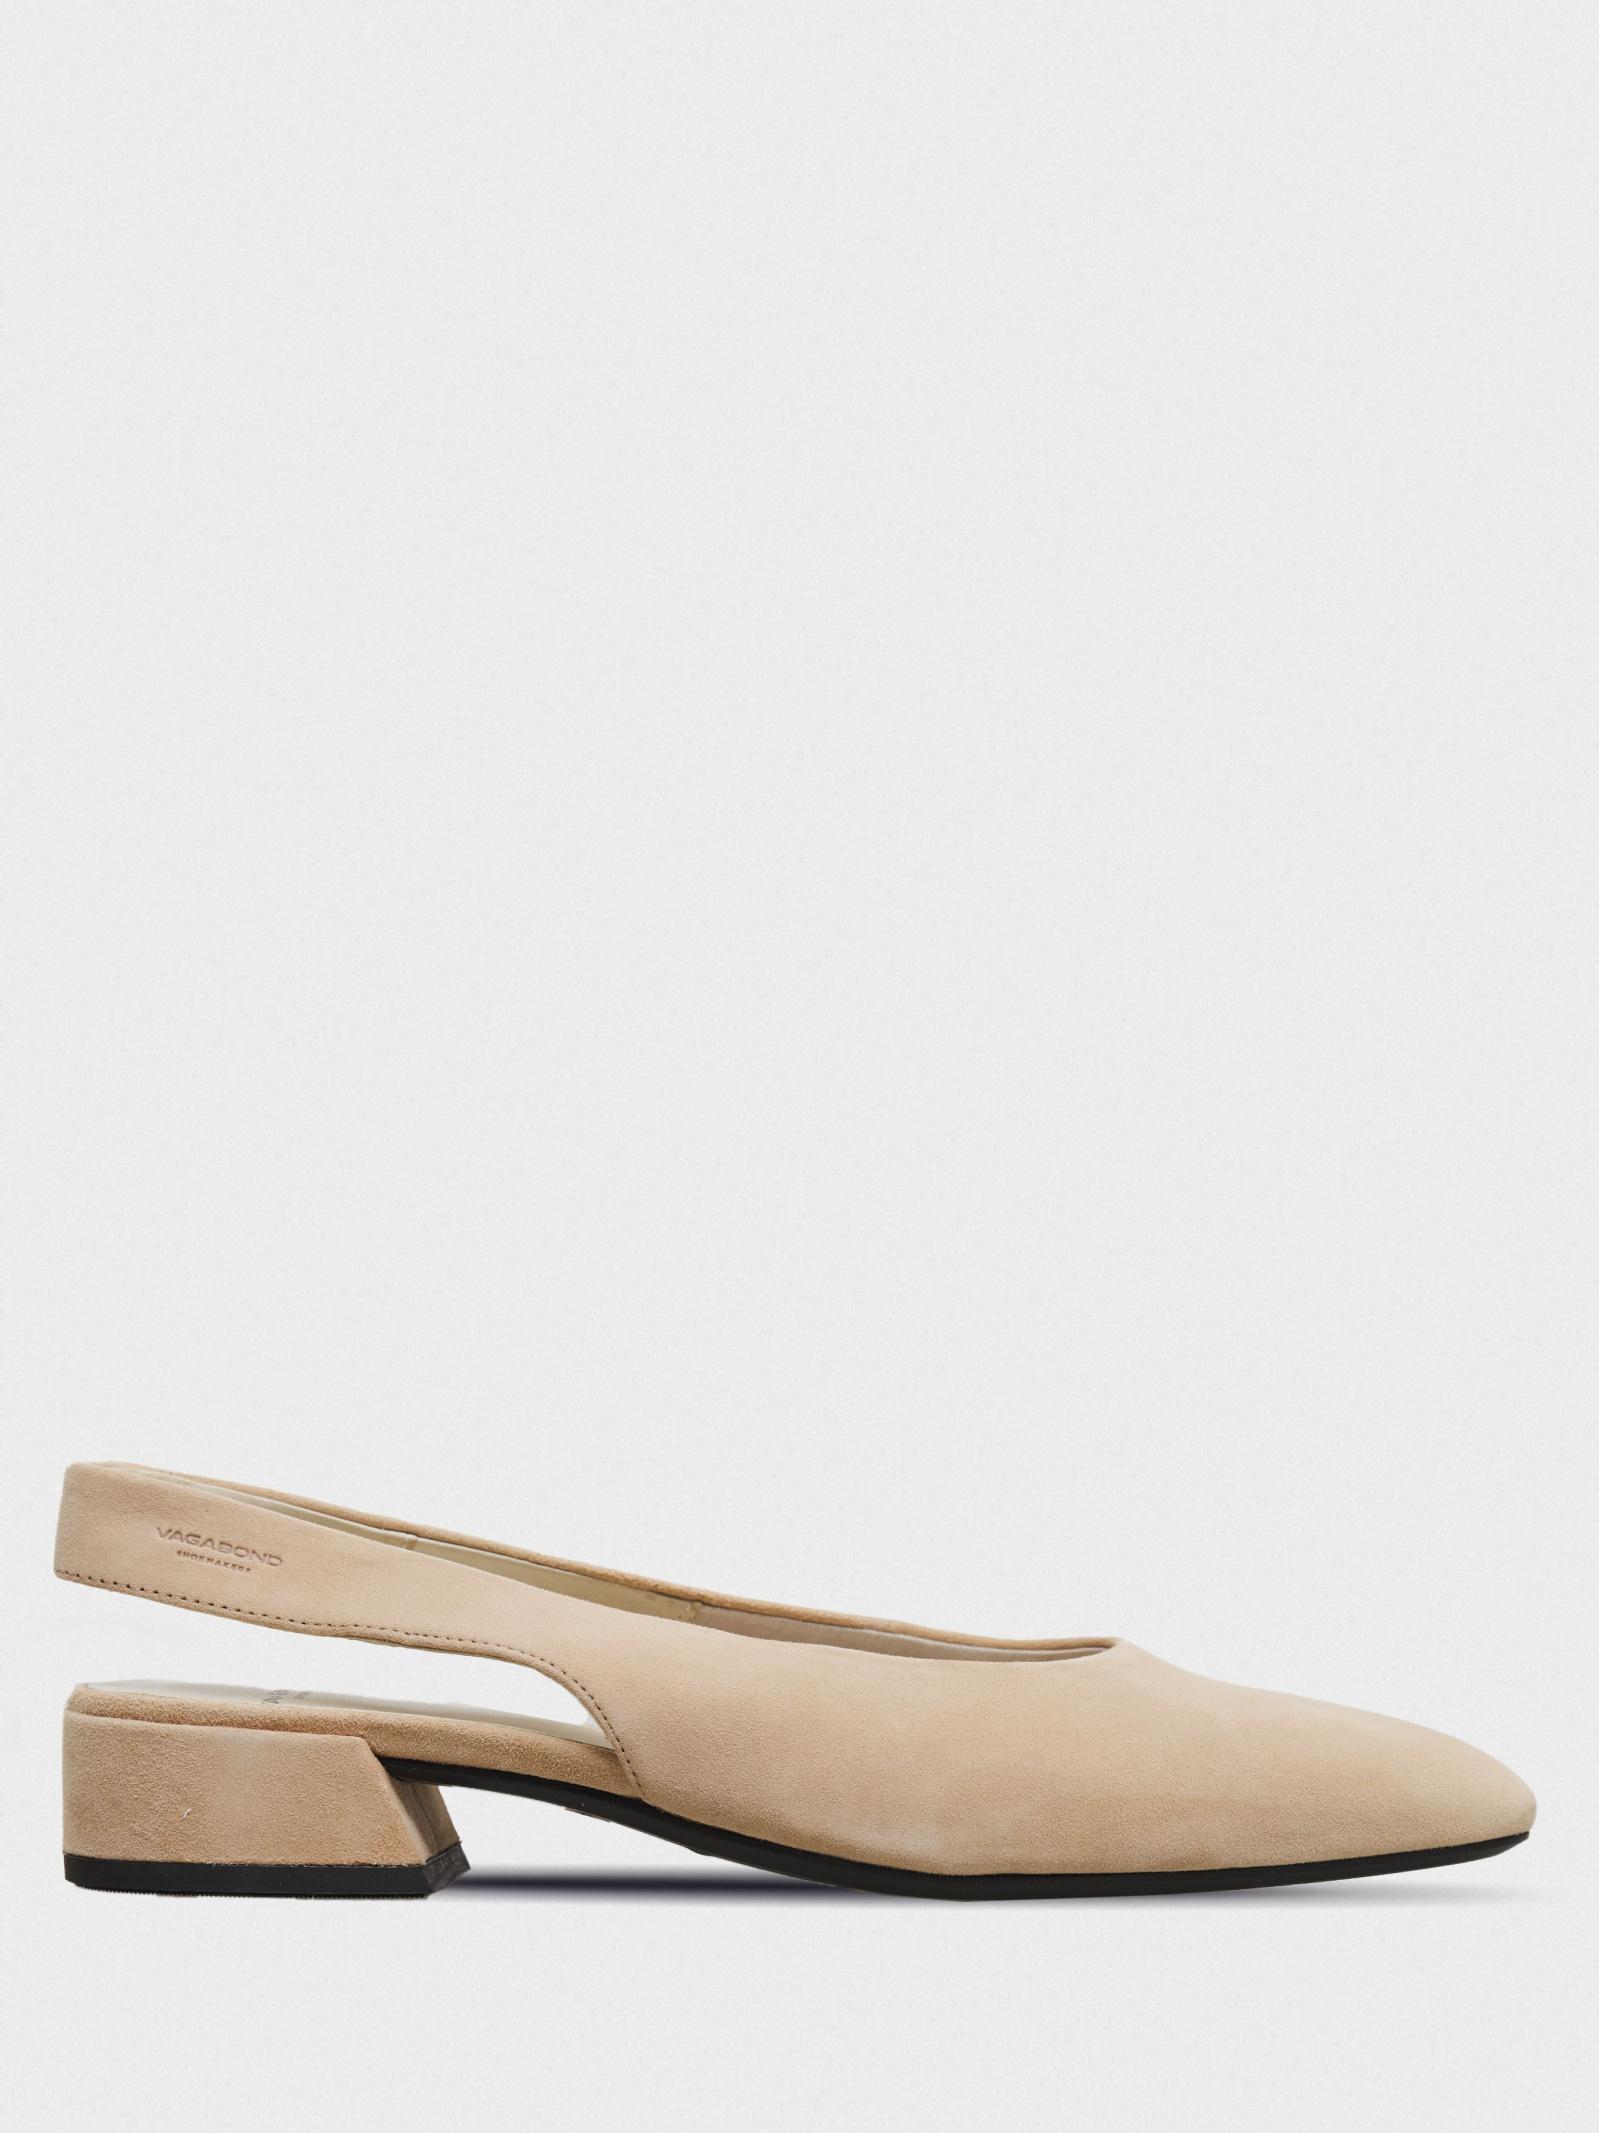 Босоножки для женщин VAGABOND JOYCE VW5647 размеры обуви, 2017